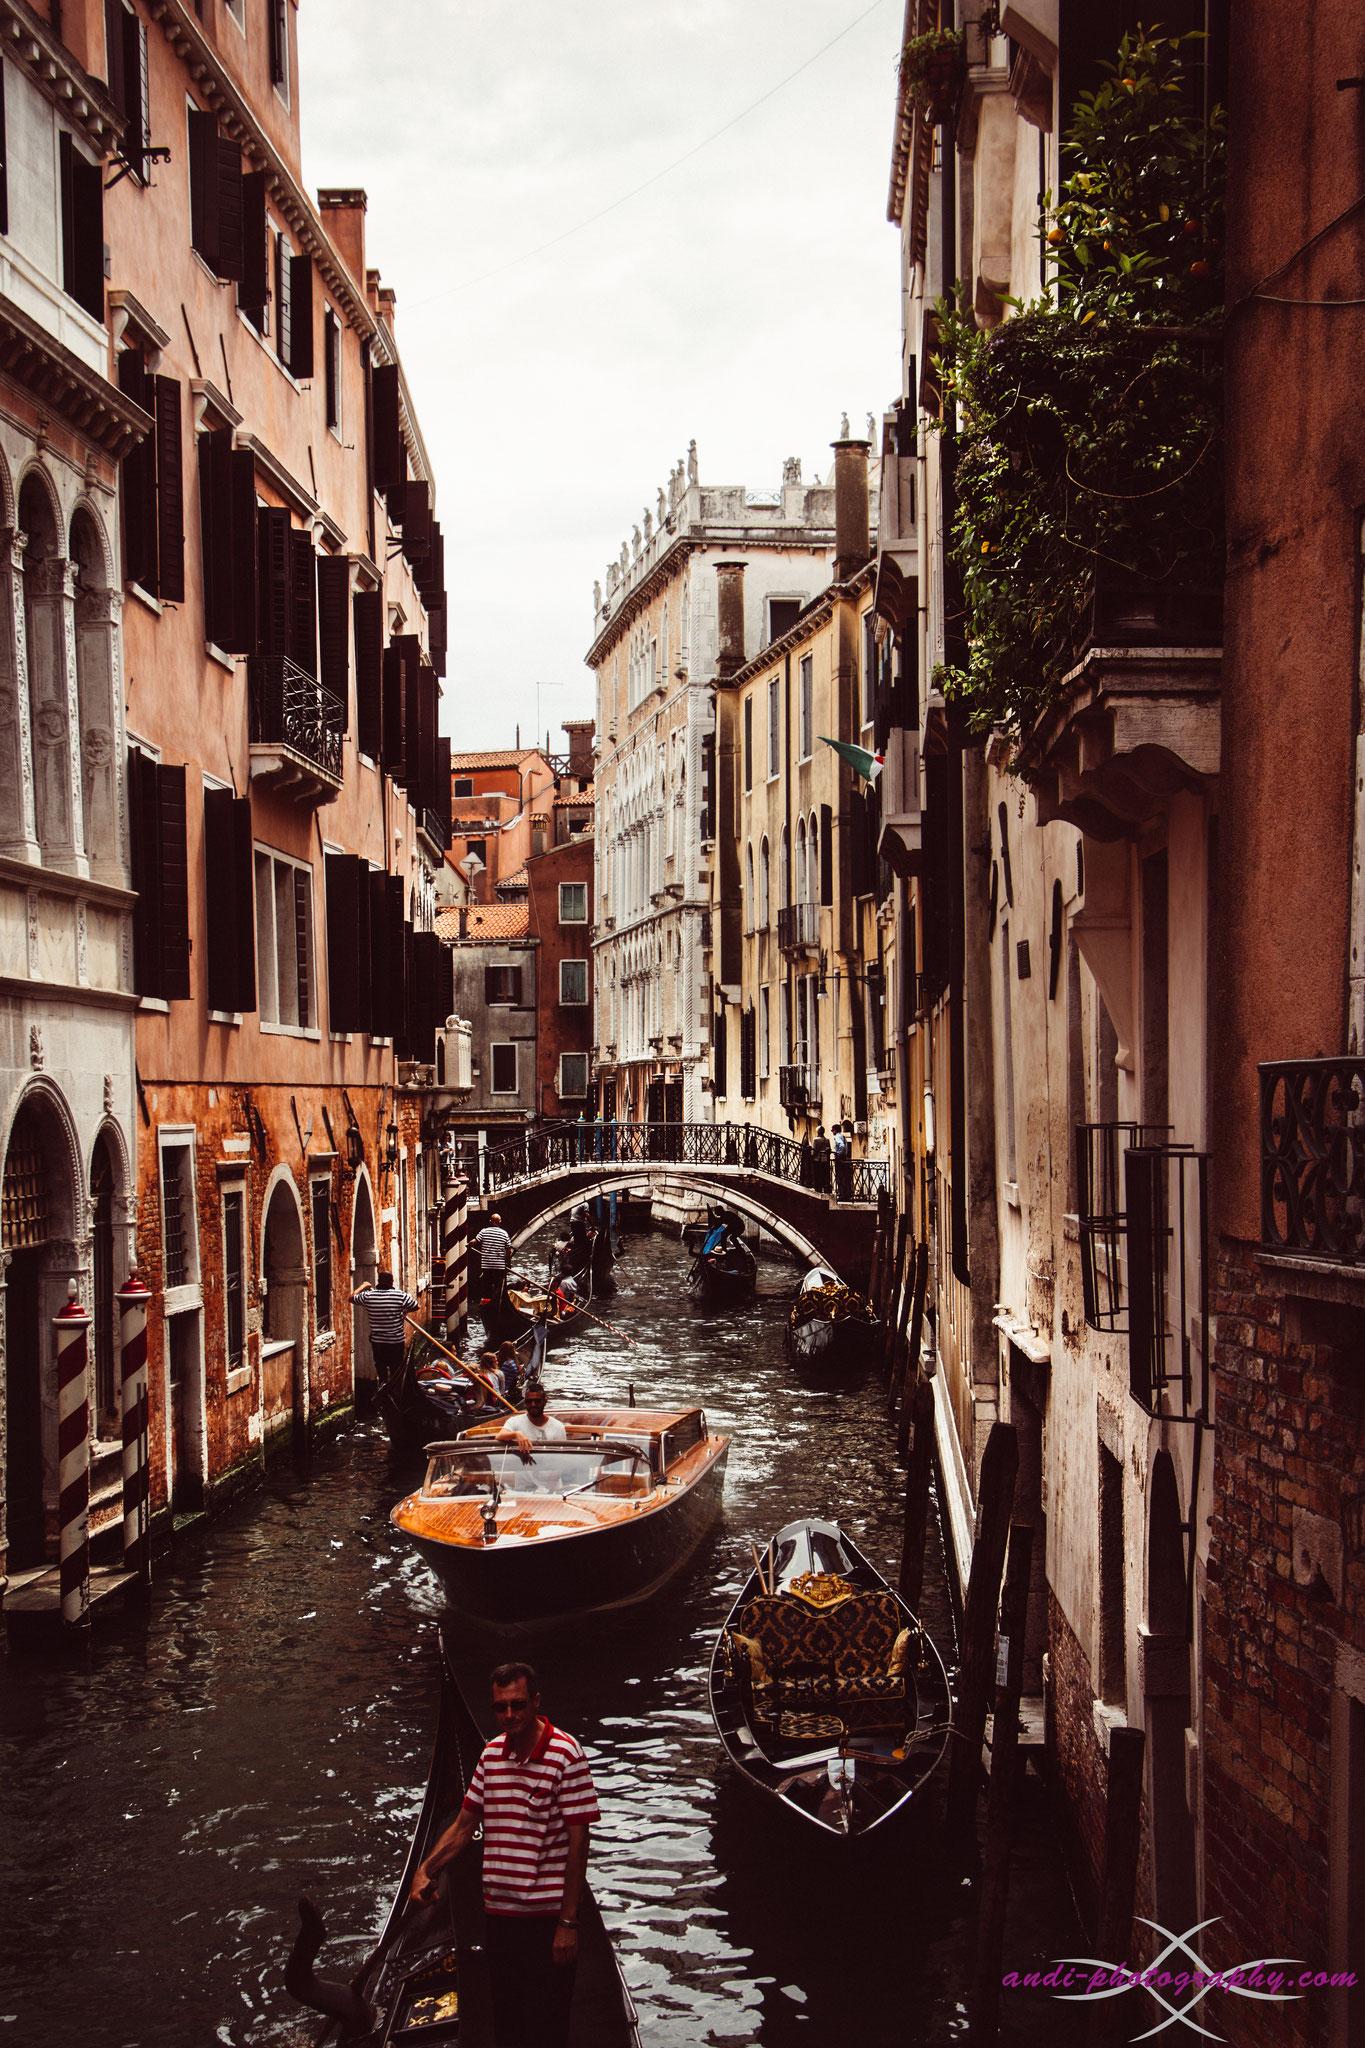 Wasserstrasse in Venedig 2016